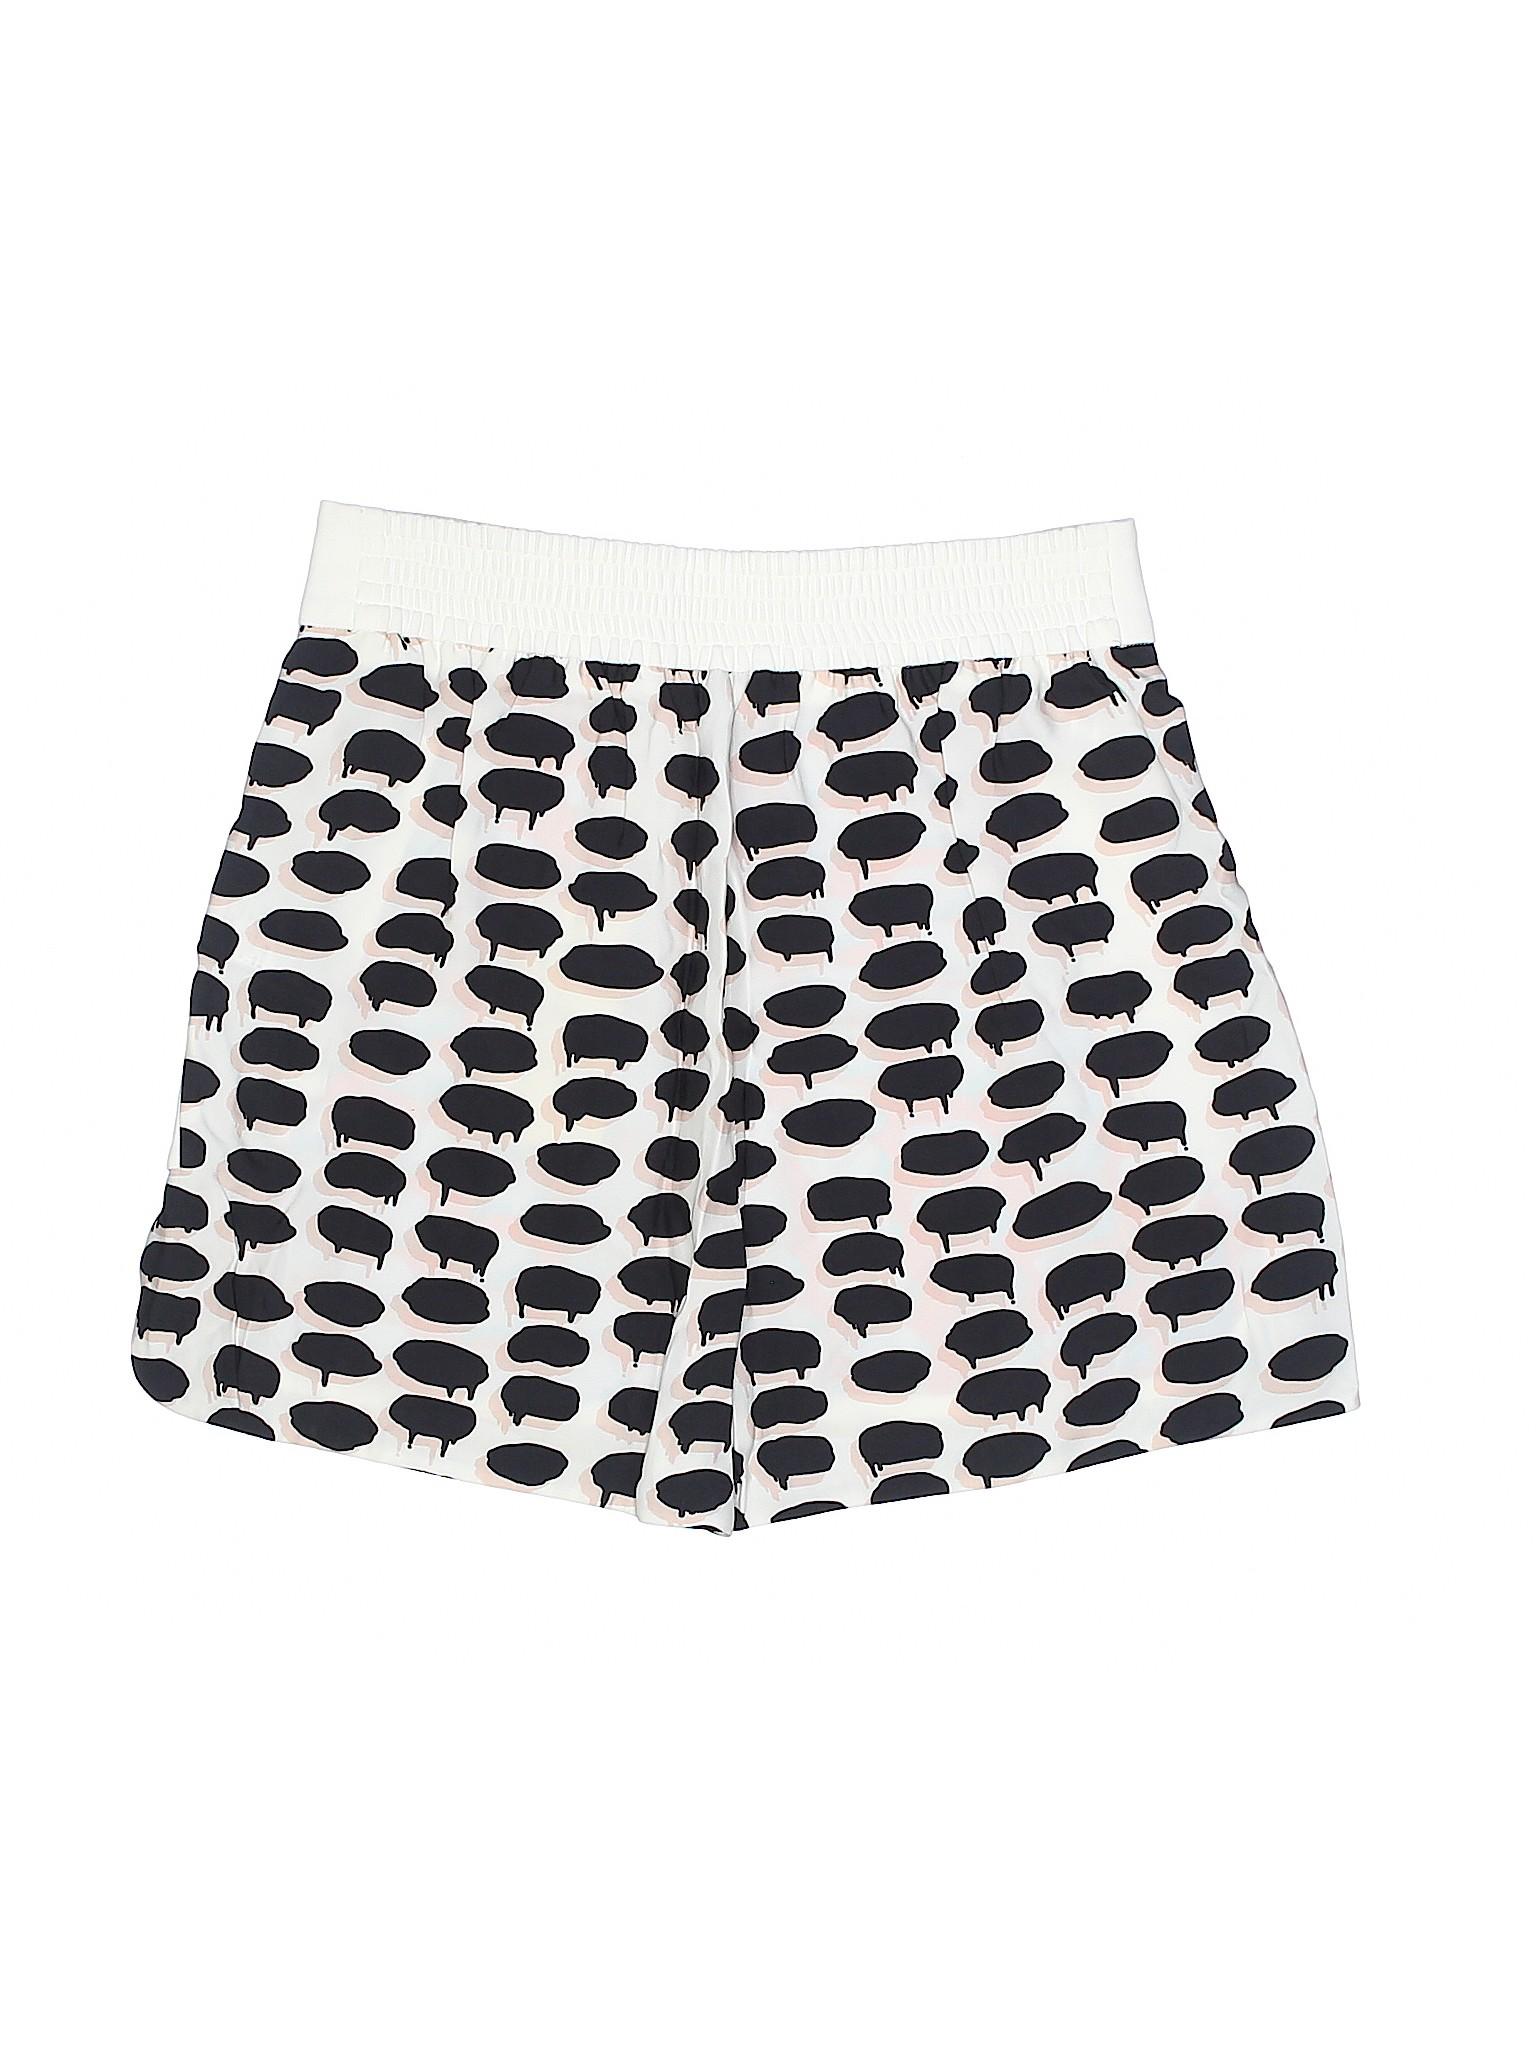 McCartney Boutique Shorts Boutique Stella McCartney Boutique Shorts Shorts McCartney Stella Stella AU5zqtn0